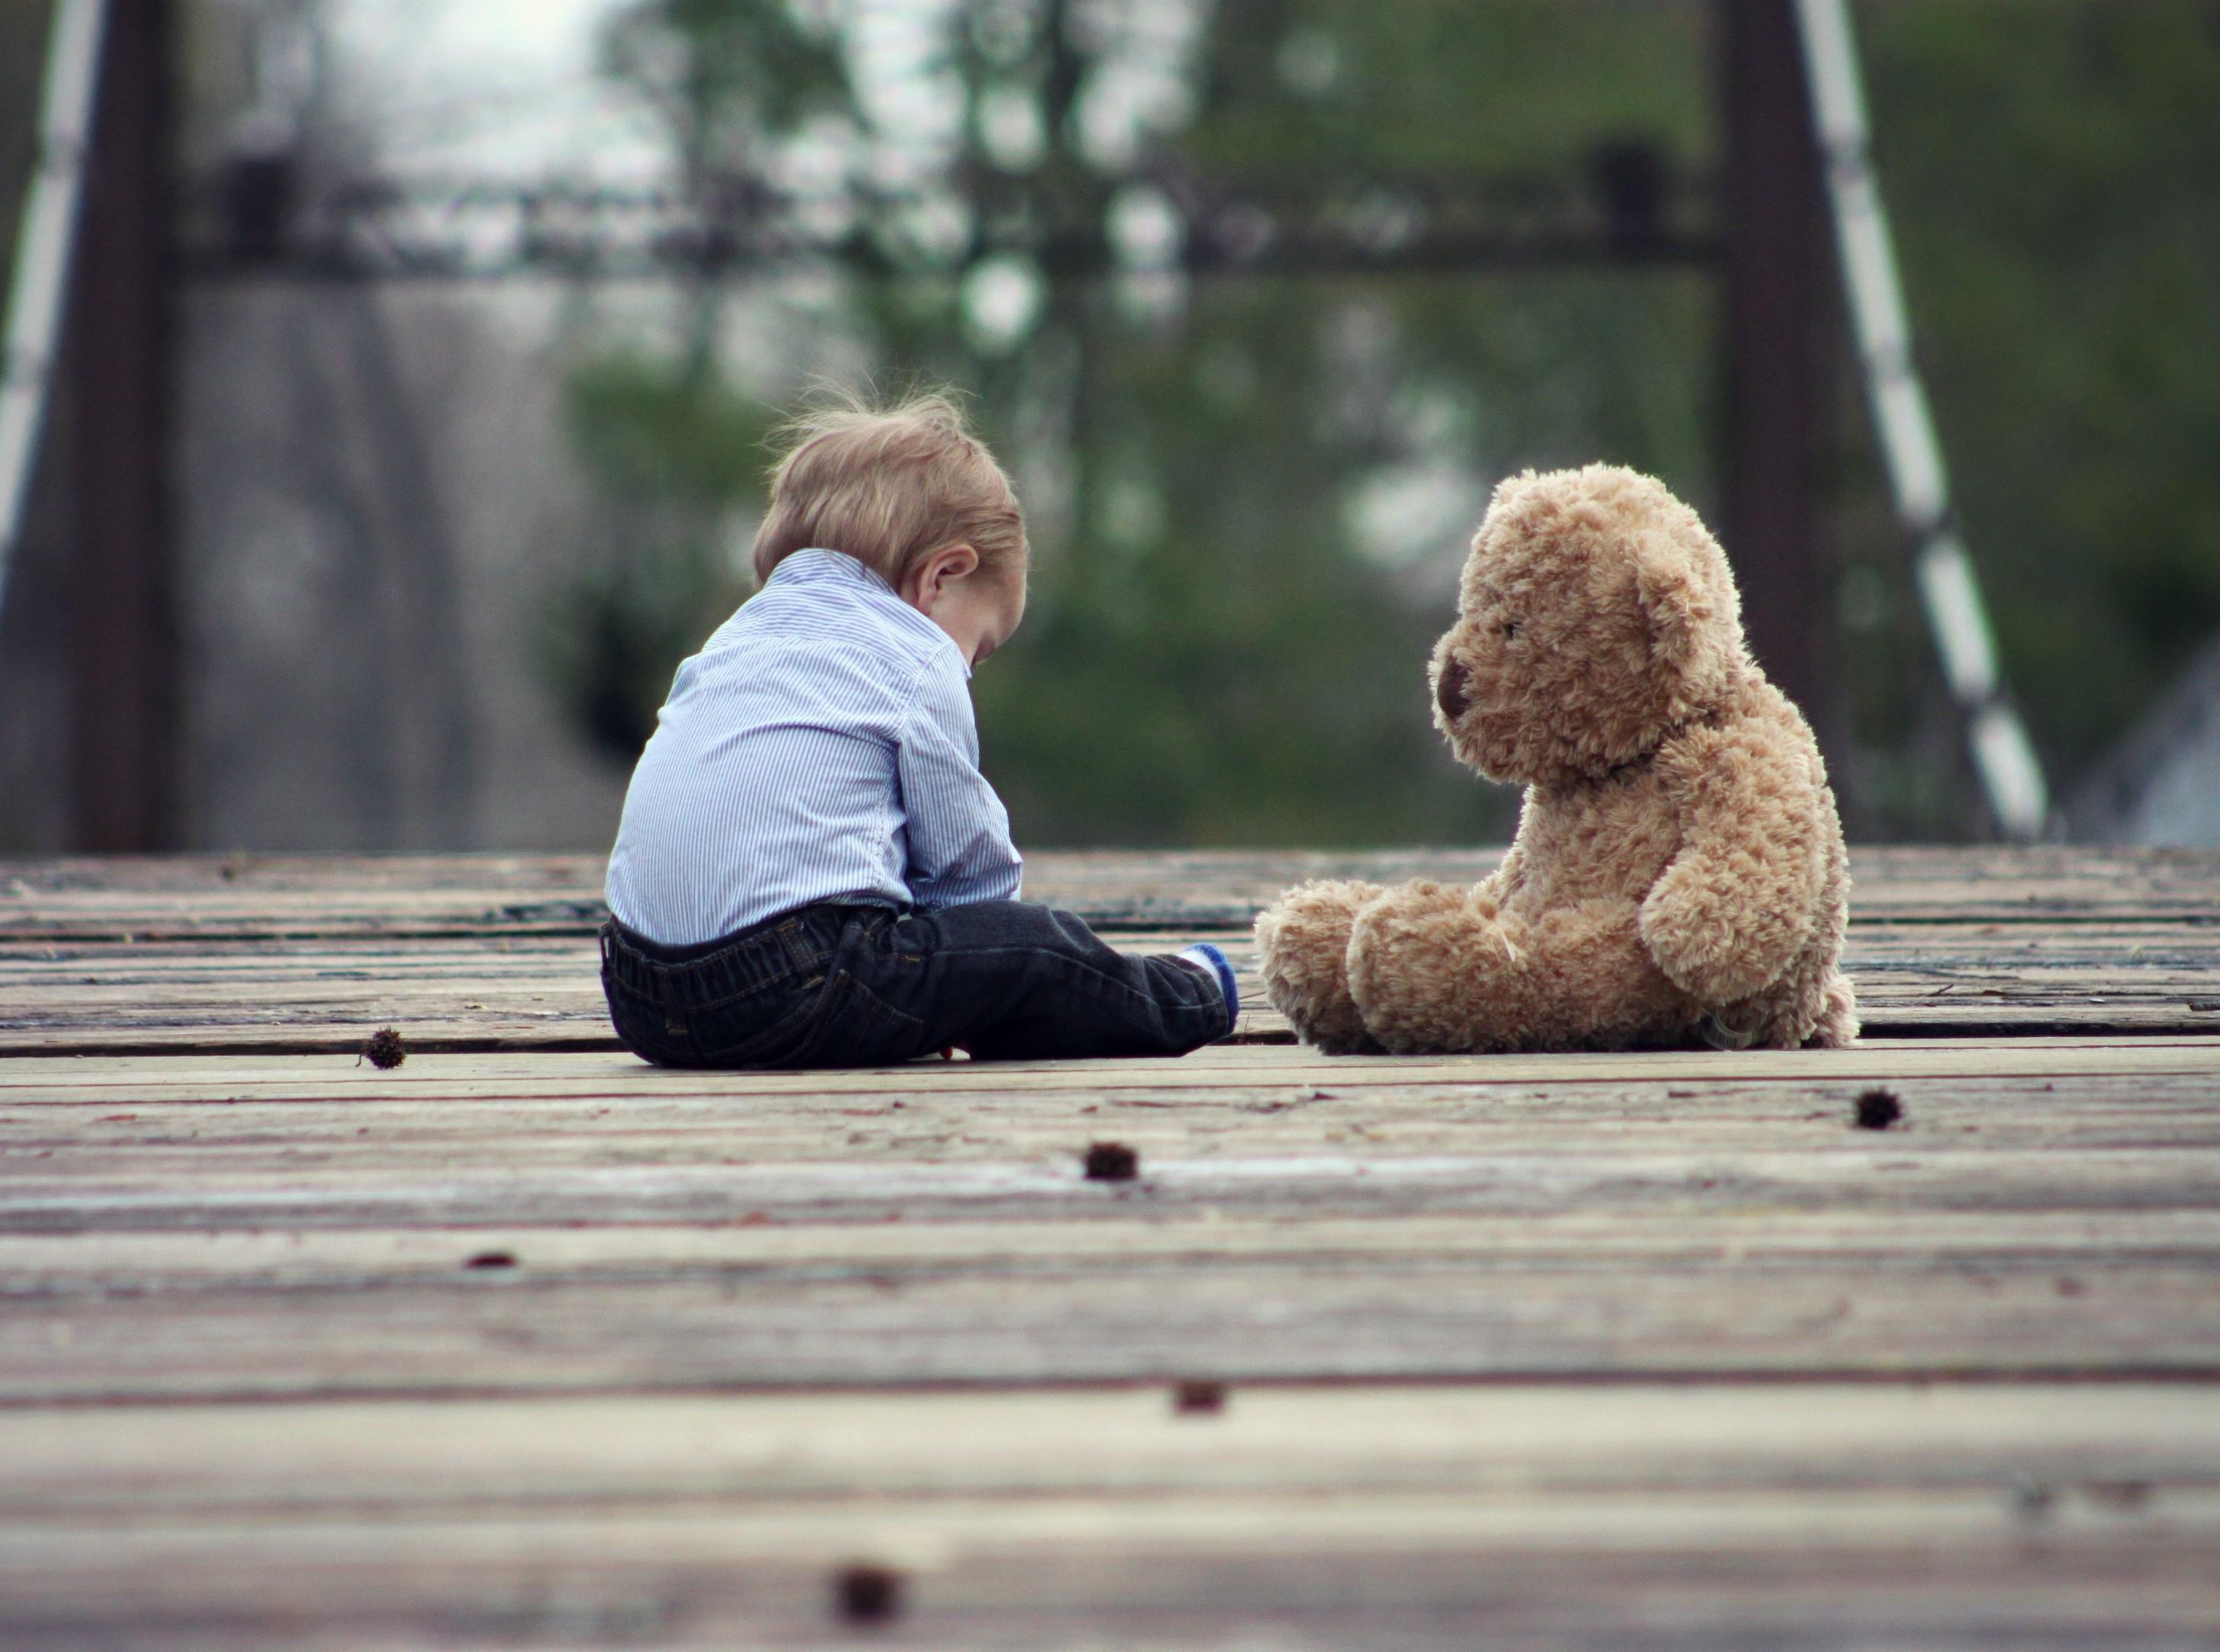 Bambini timidi e bambini vivaci: come comportarsi? - 2020